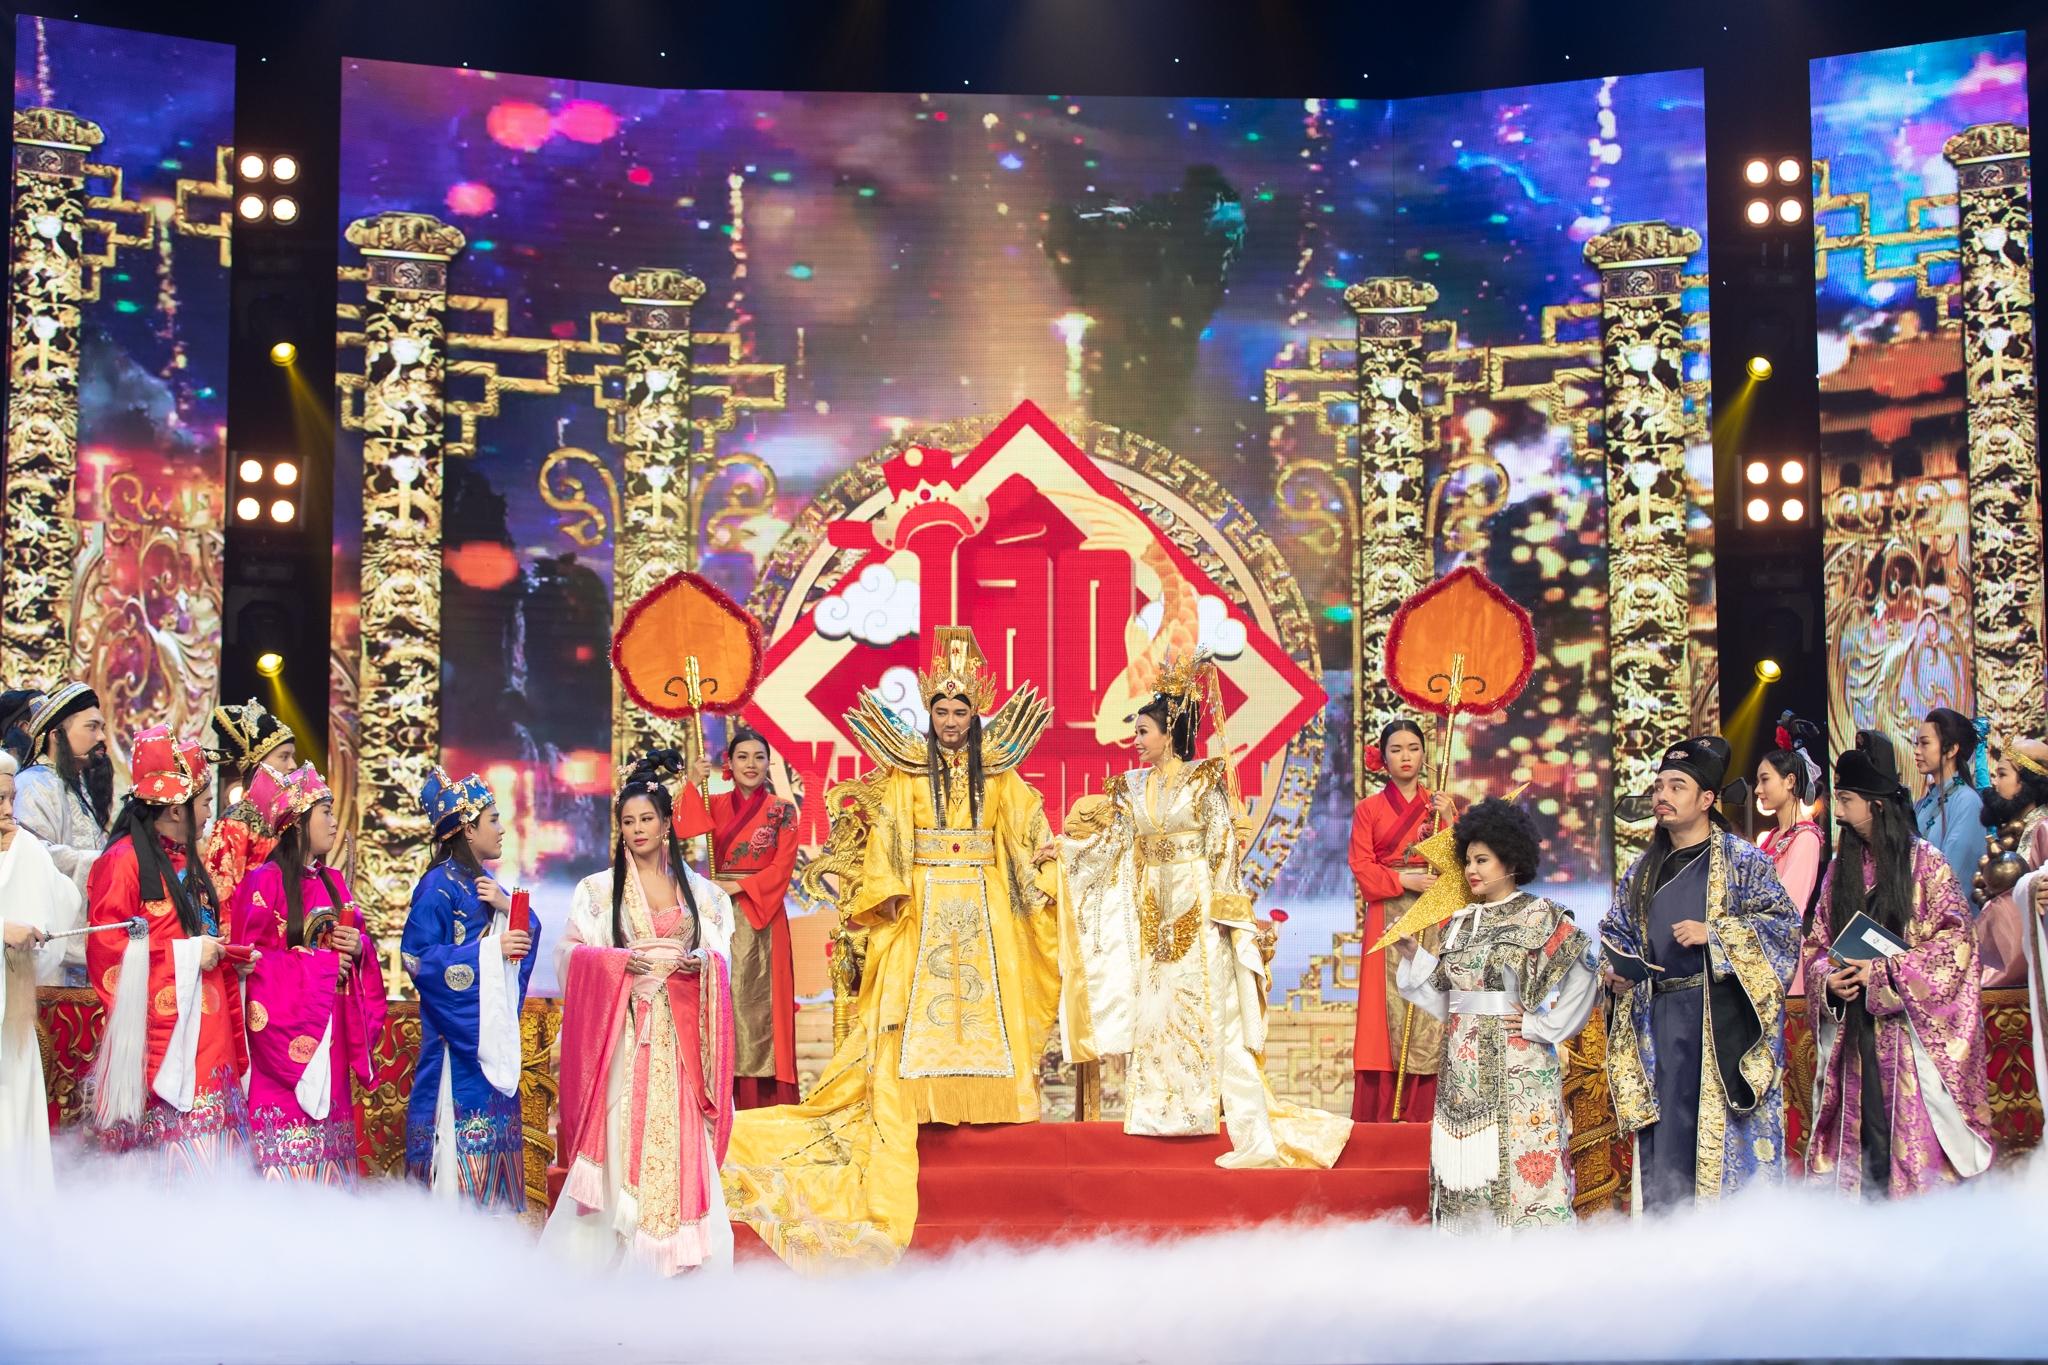 Đàm Vĩnh Hưng, Cẩm Ly và nhiều sao hạng A cùng hội ngộ Táo Xuân Tân Sửu 2021